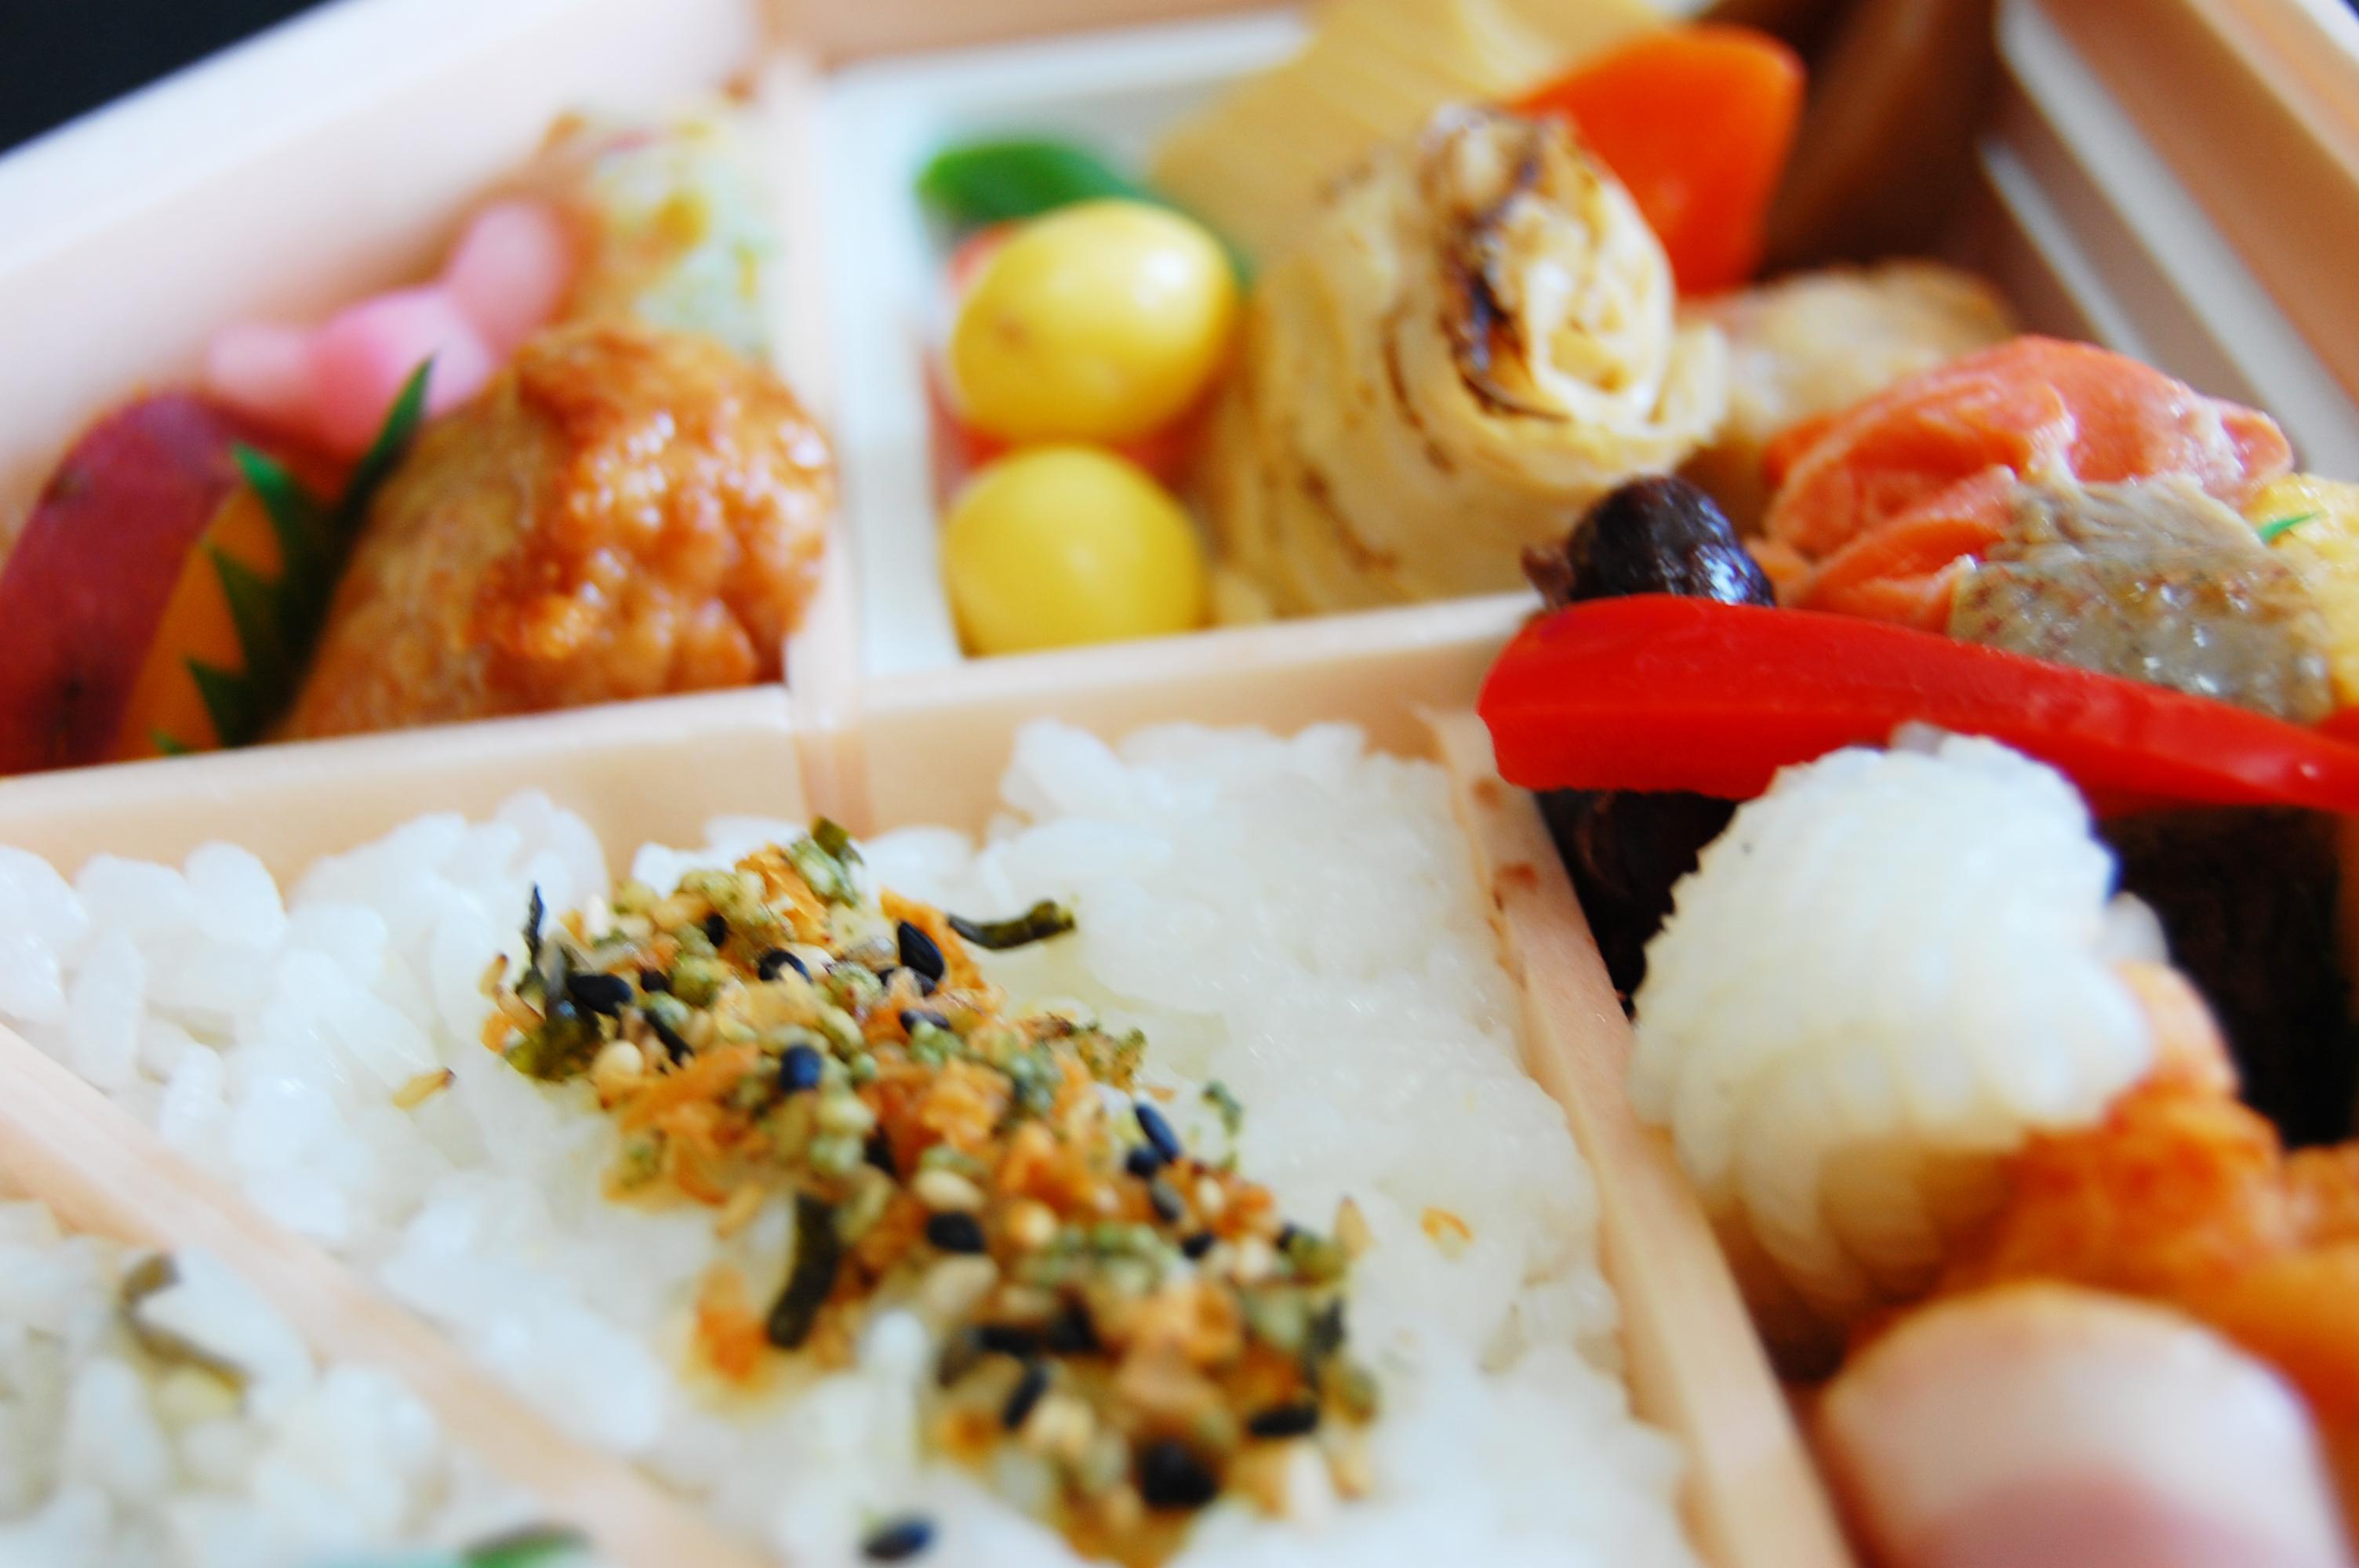 押川弁当の人気メニューはチキン南蛮!宮崎の和風・洋風グルメを紹介!